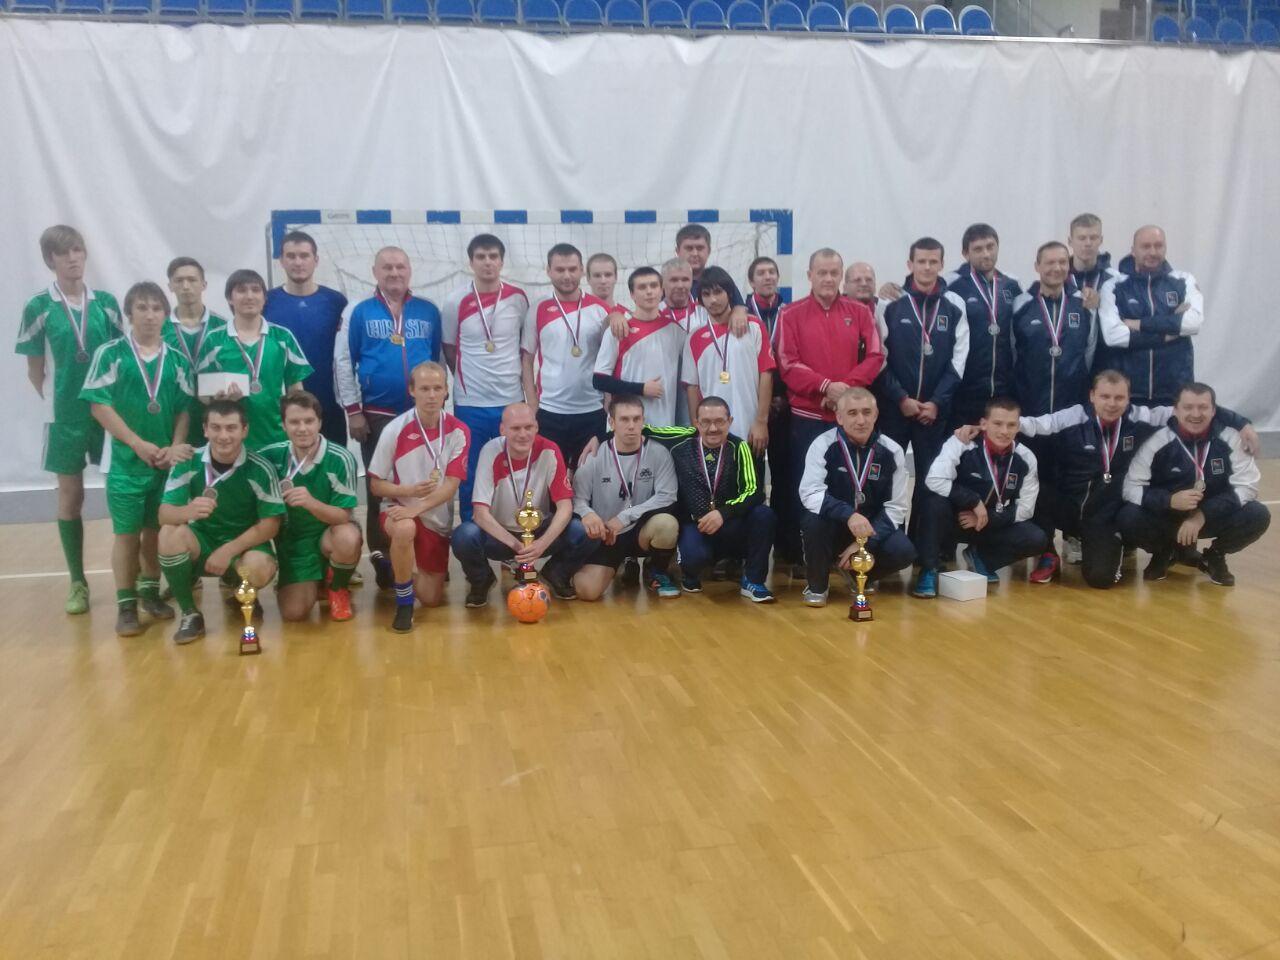 Сборная Тюменской области завоевала звание чемпиона России по футзалу спорта слепых